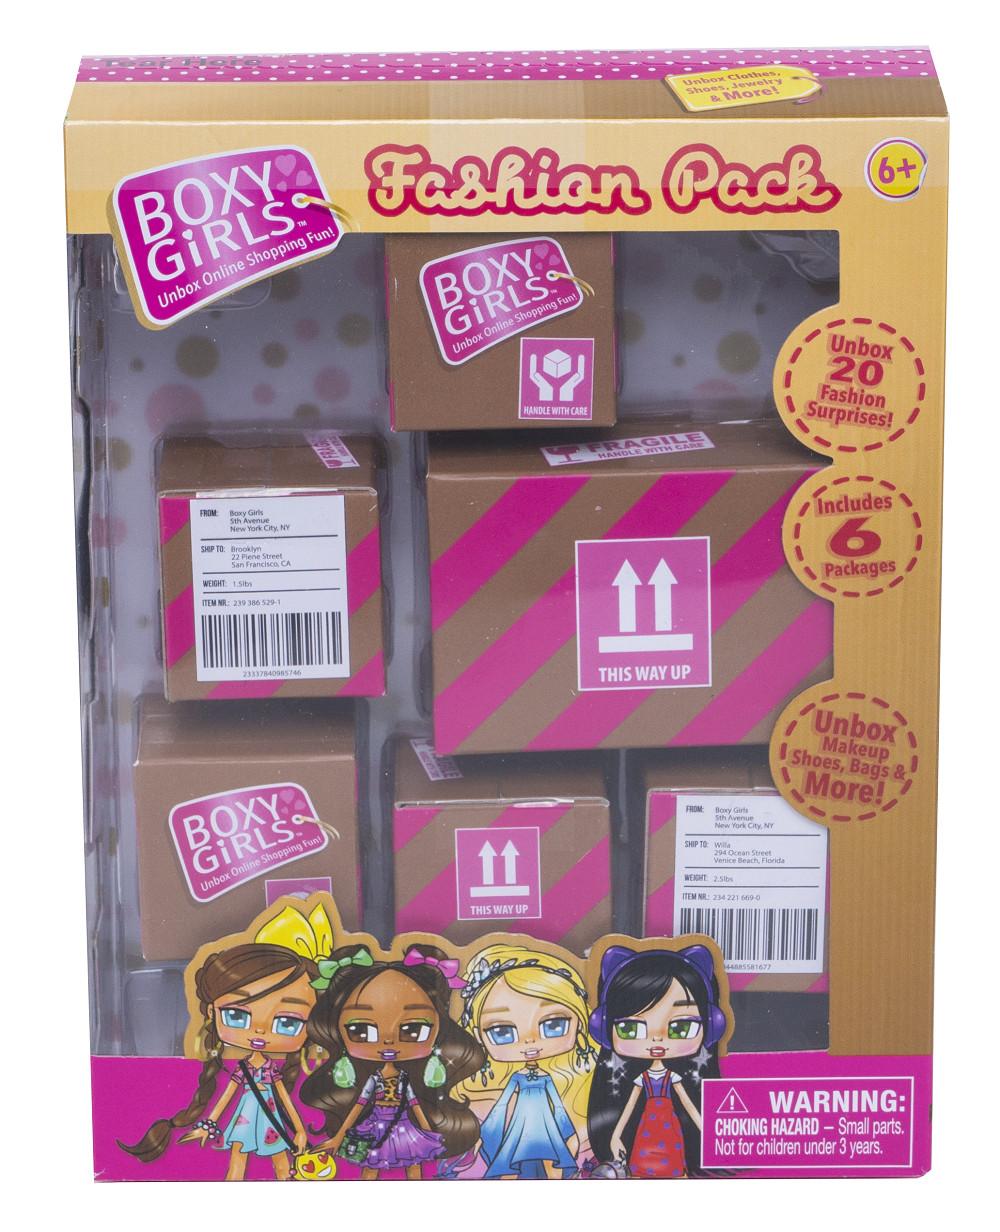 Одежда для кукол 1toy Игровой набор 1Toy 6 посылок с сюрпризом для кукол Boxy Girls 24 предмета 1toy игровой набор профи кухня 2 в 1 со световыми и звуковыми эффектами 32х26 5х18 6 24 предмета